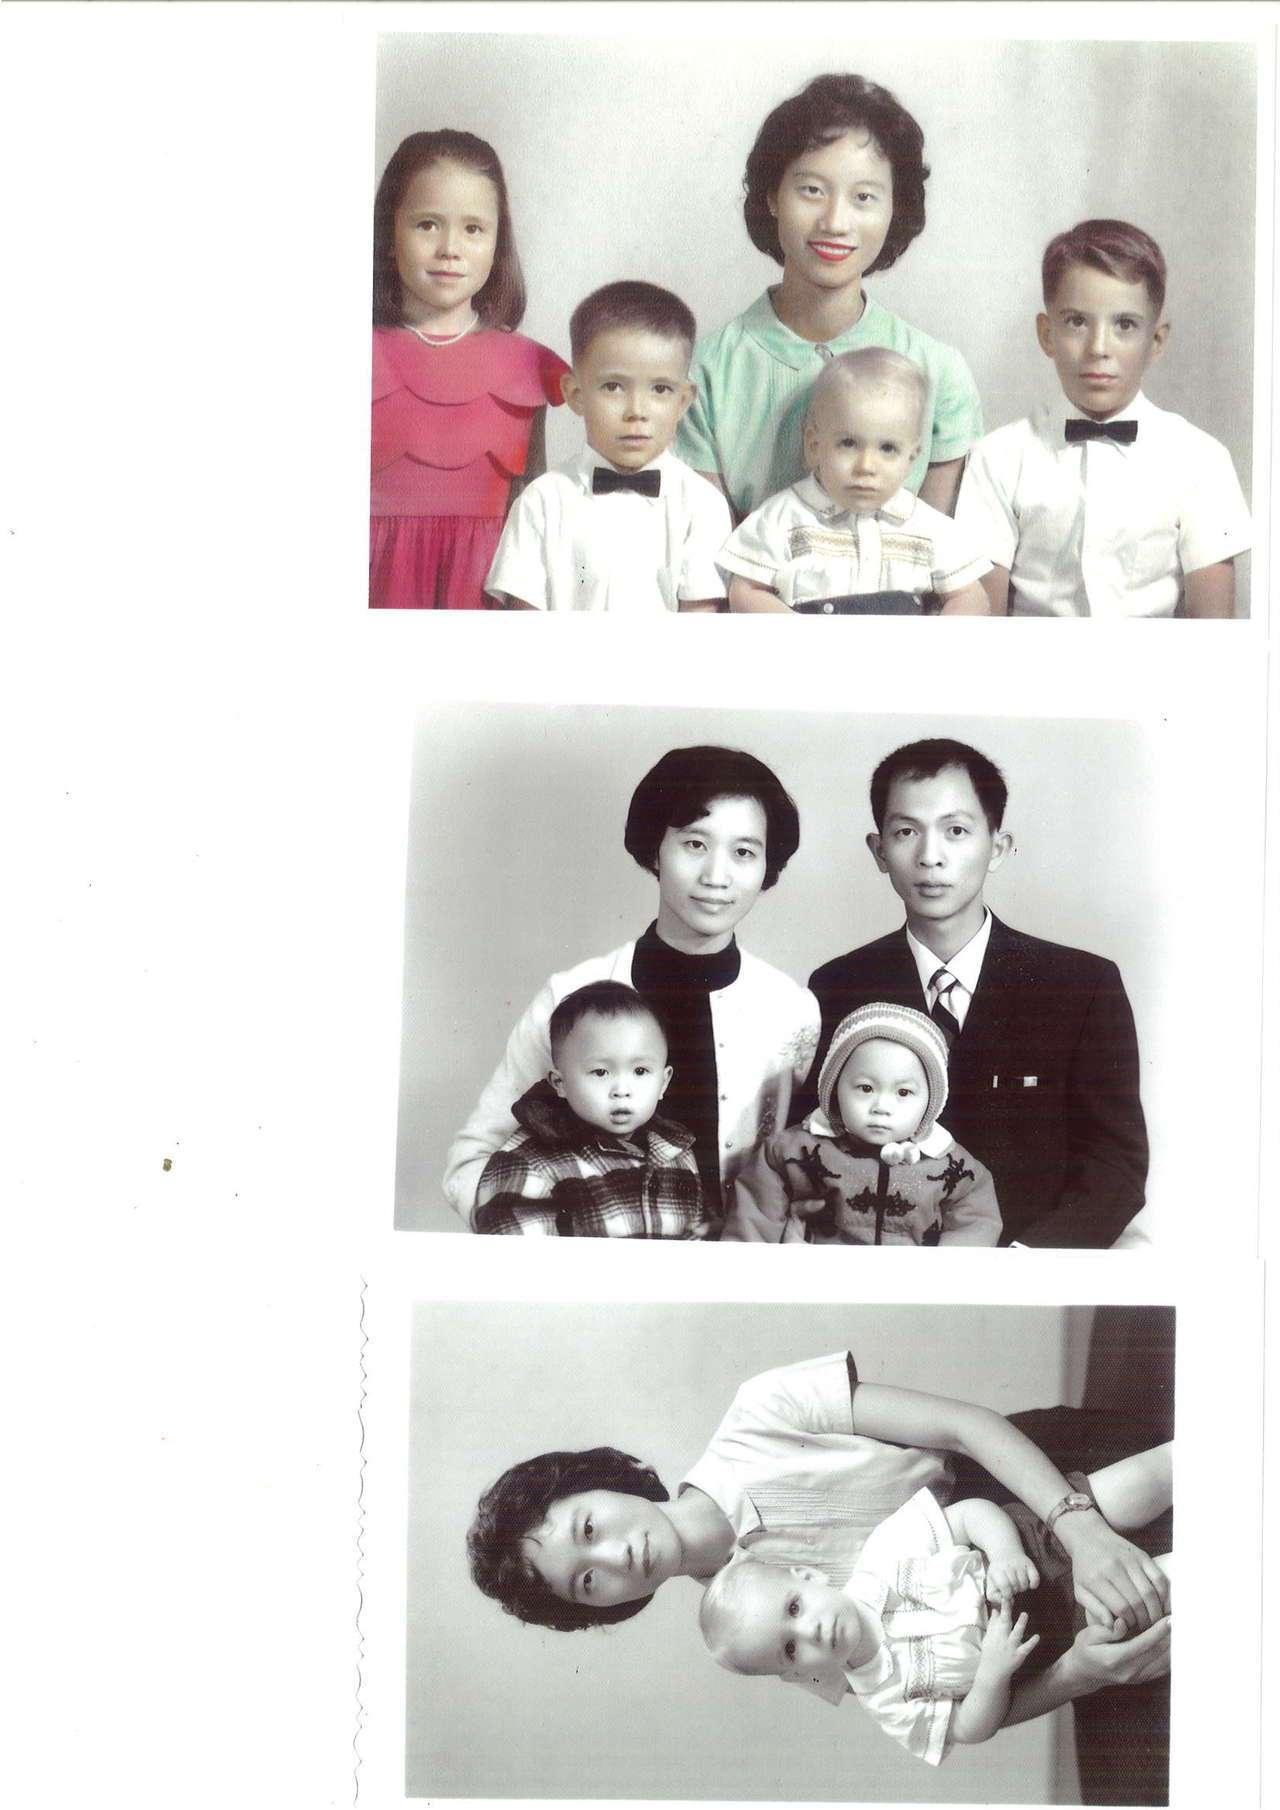 美籍女子Linda拿3張50年多前的合照,來台尋找當年照顧她的台籍婦人陳月嬌。圖...